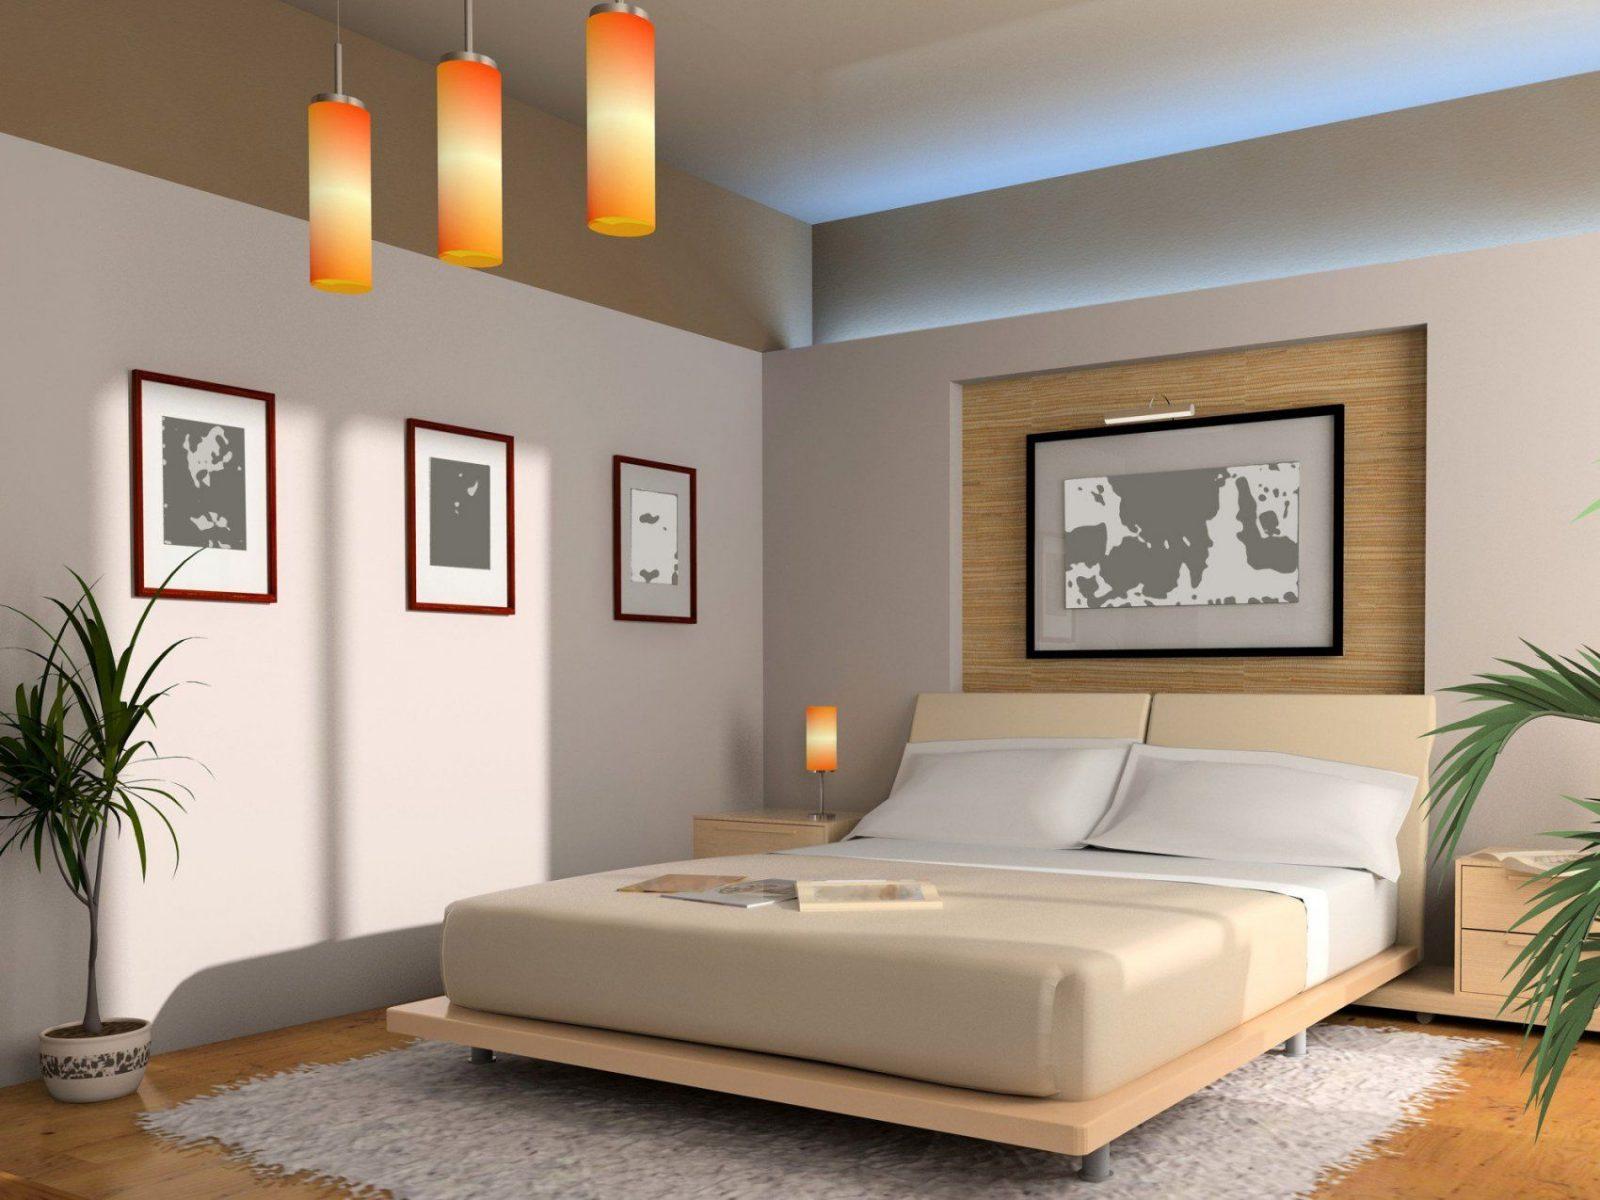 Feng Shui Schlafzimmer Einrichten U2013 Praktische Tipps Von Schlafzimmer Nach  Feng Shui Einrichten Bild